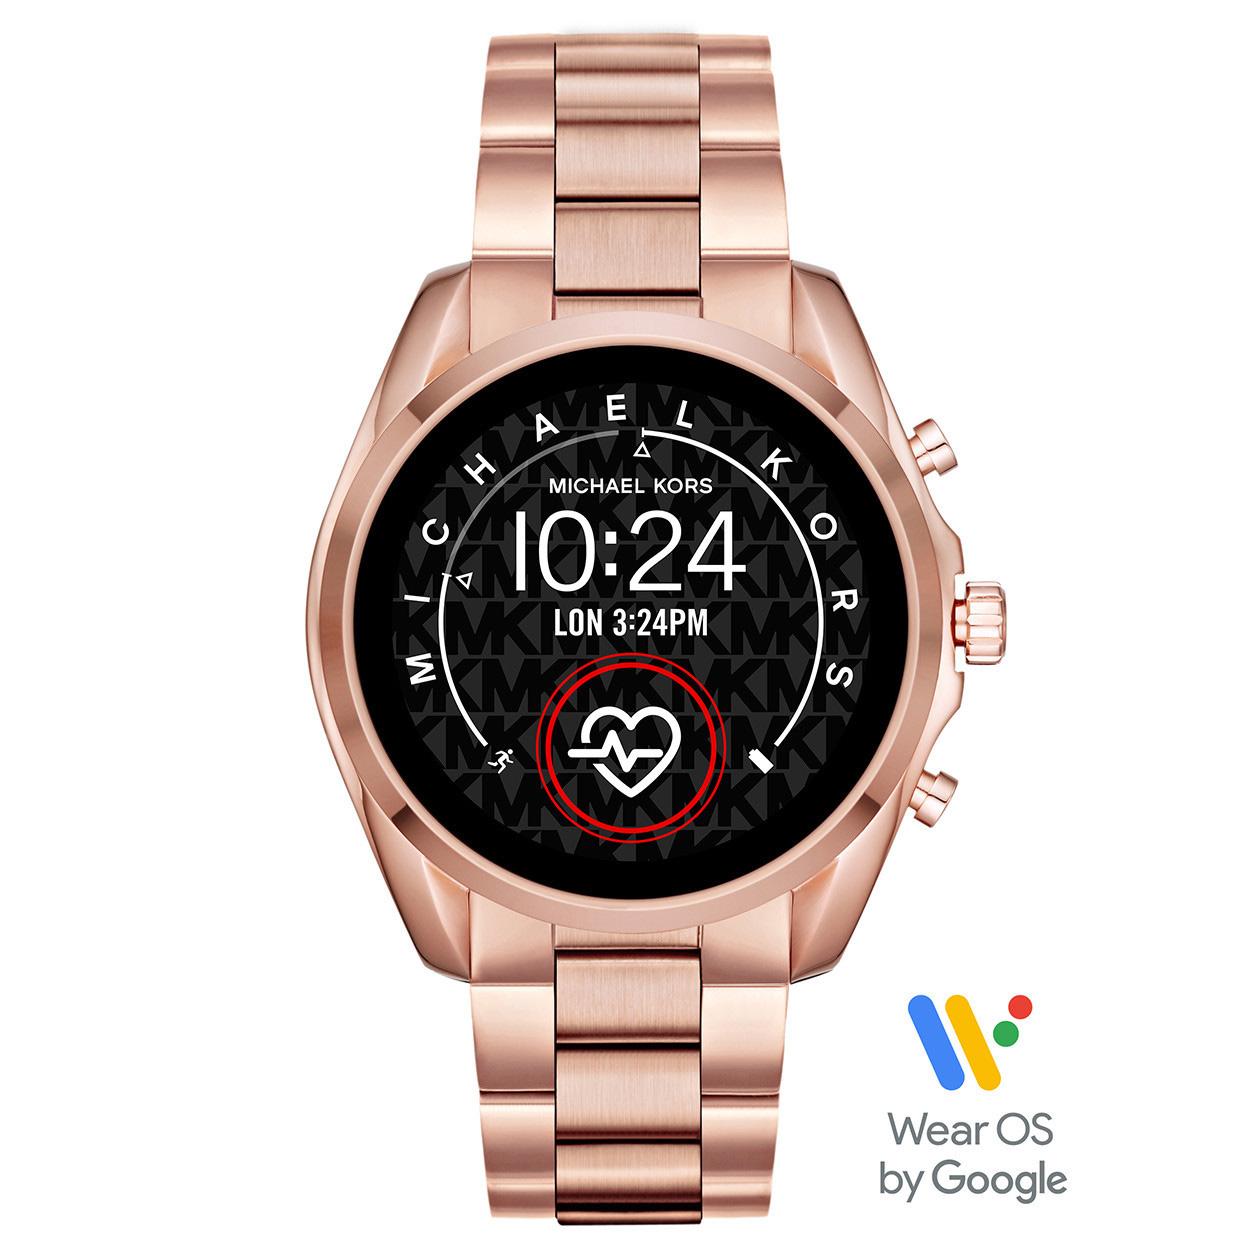 Michael Kors MKT5086 Access Bradshow Gen 5 Display Smartwatch rosekleurig 45 mm